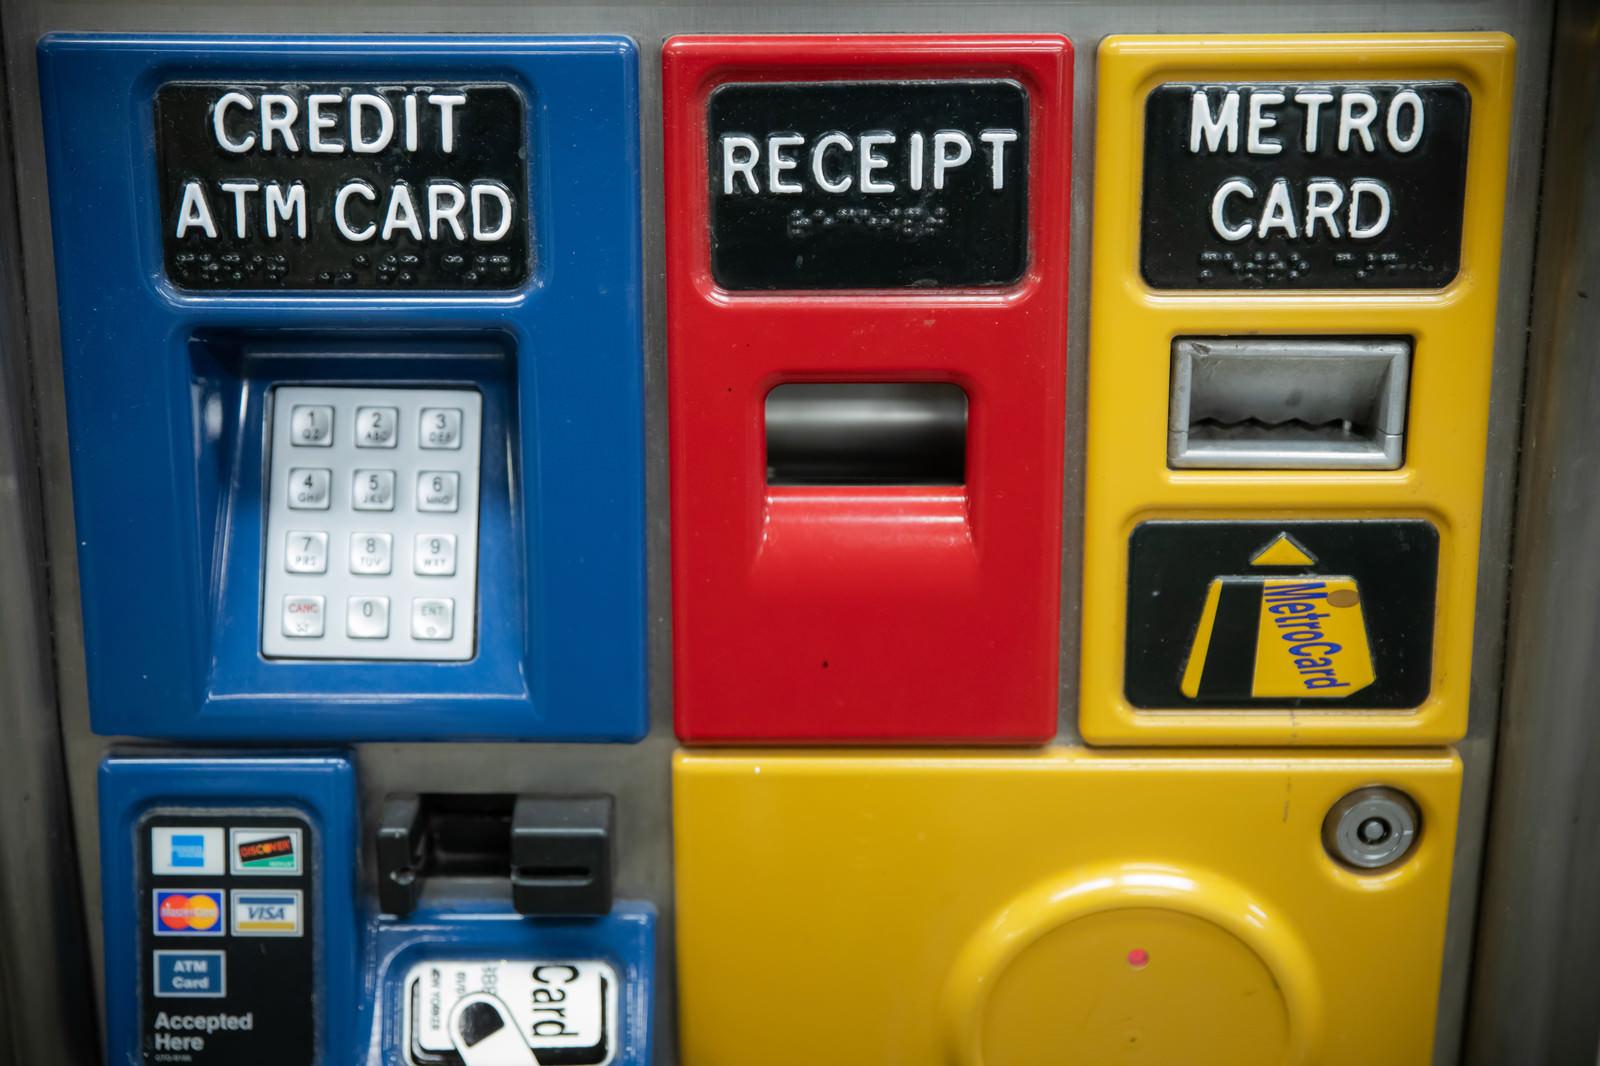 「METRO CARD ATM」の写真